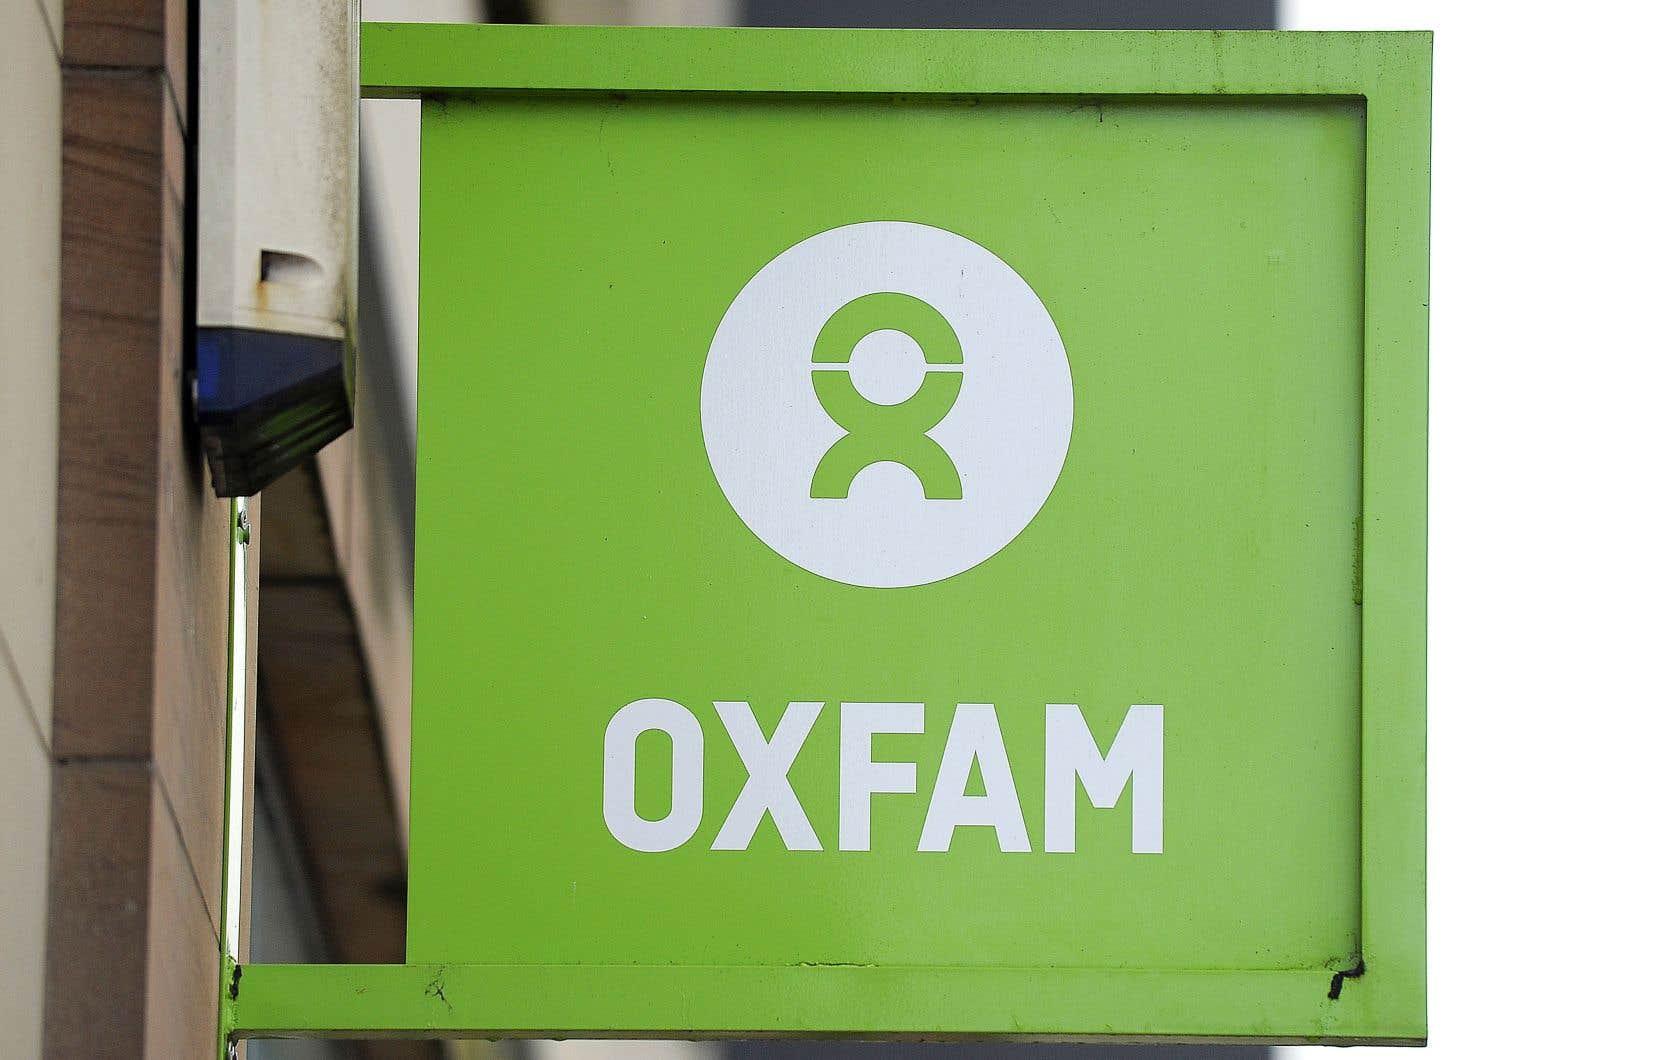 Quatre employés ont été licenciés et trois autres ont démissionné avant la fin d'une enquête interne en 2011, a déclaré Oxfam.